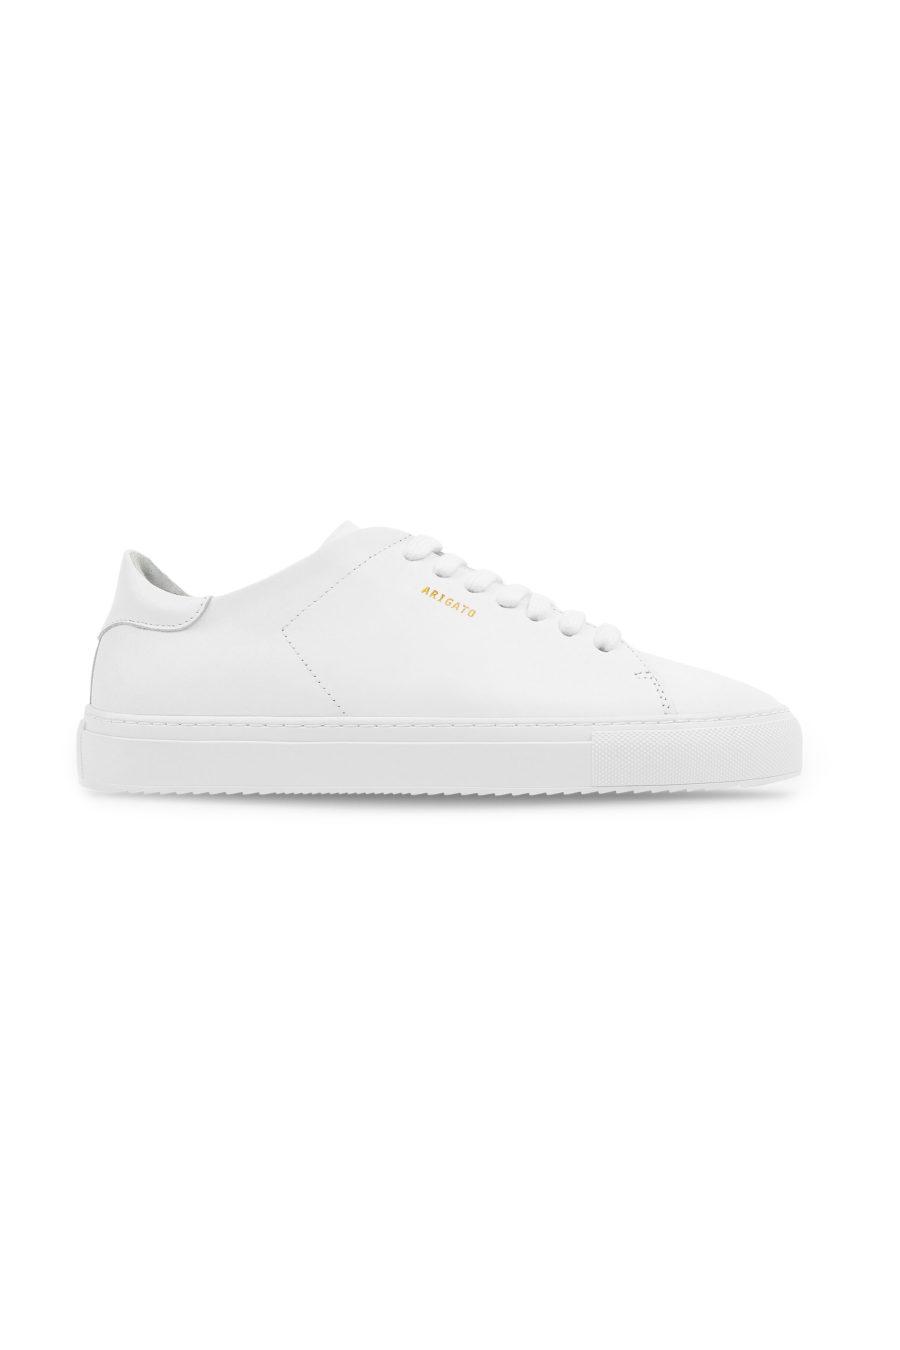 CLEAN 90 - WHITE